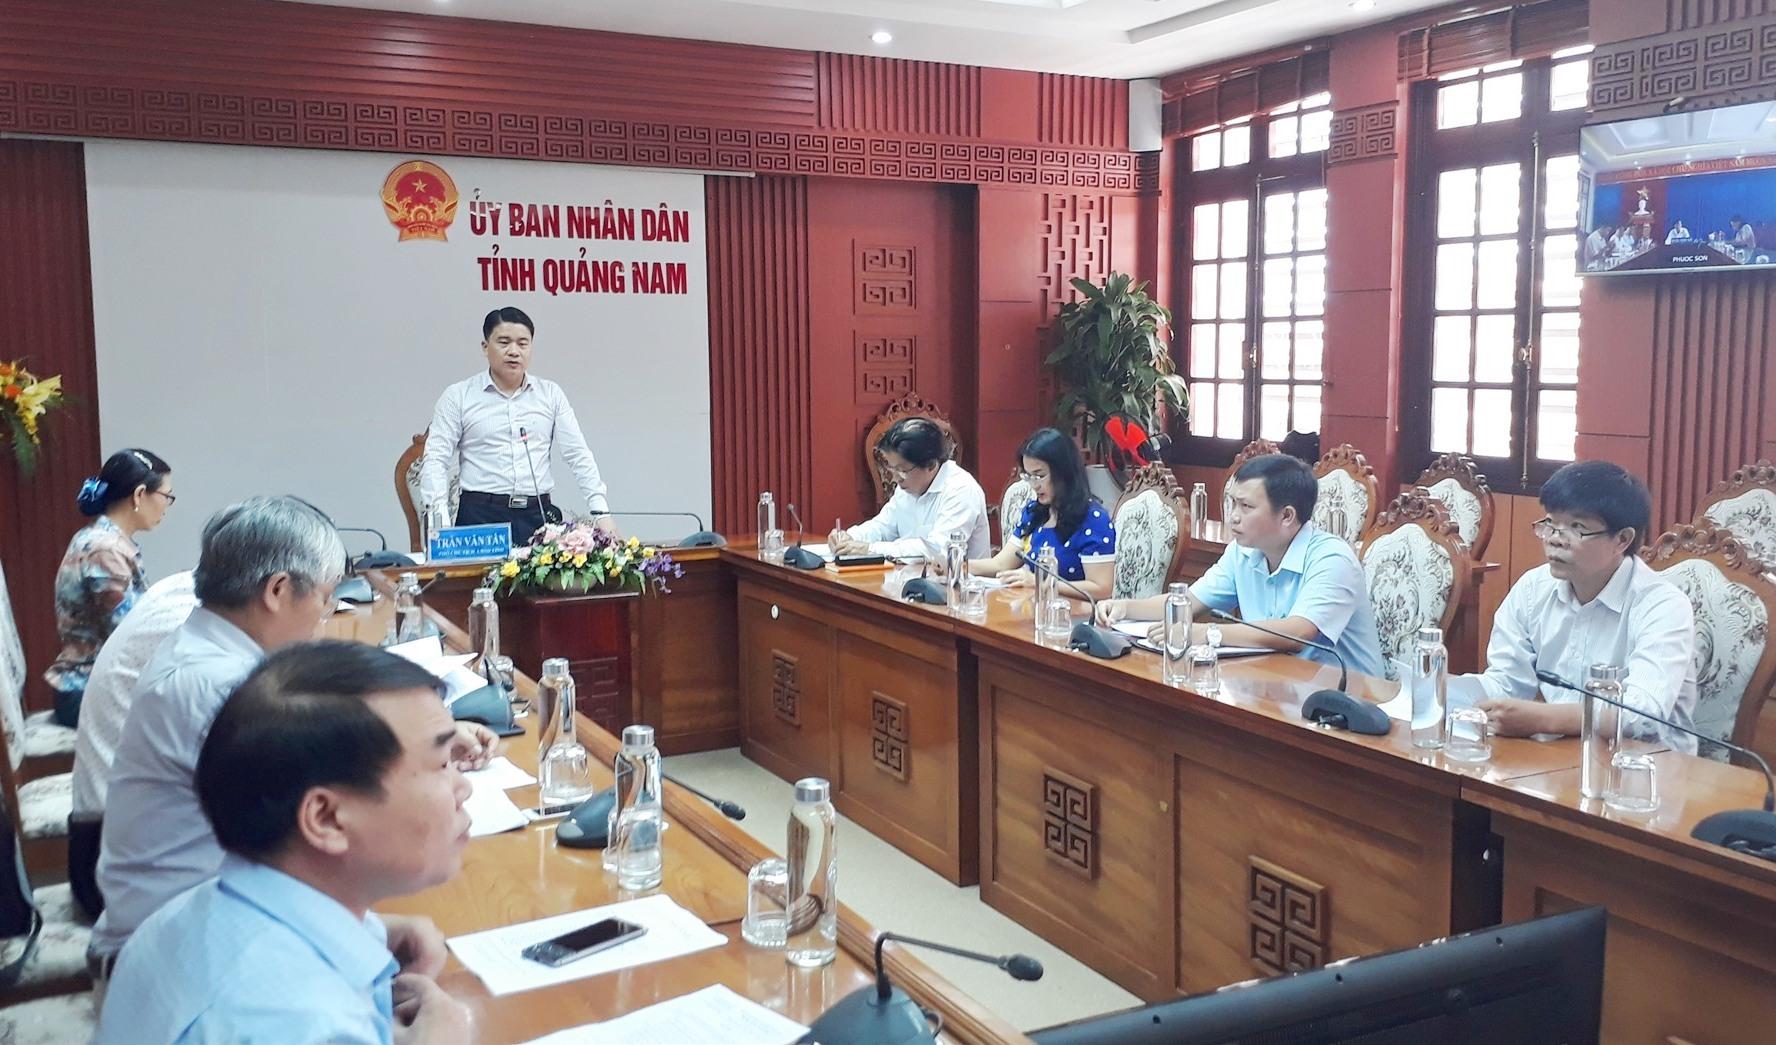 Phó Chủ tịch UBND tỉnh Trần Văn Tân chủ trì cuộc họp trực tuyến với các địa phương. Ảnh: X.P